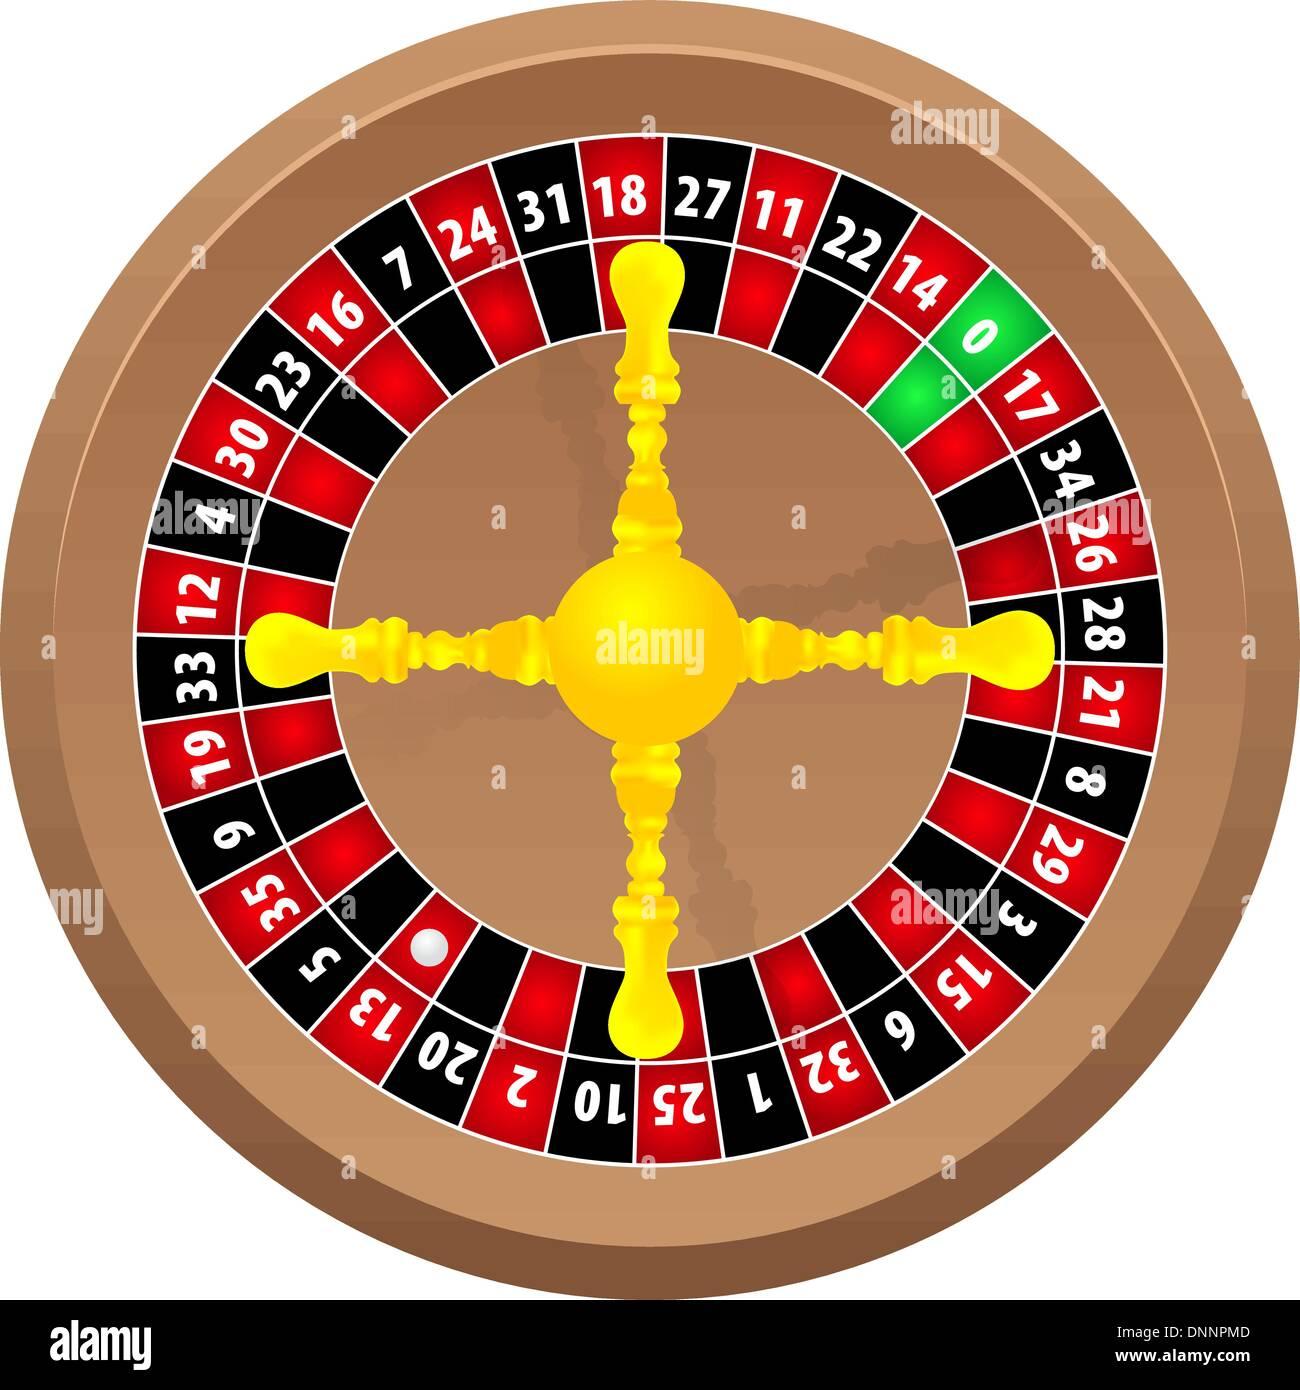 Roulette del Casinò online su sfondo bianco, vettore Immagini Stock